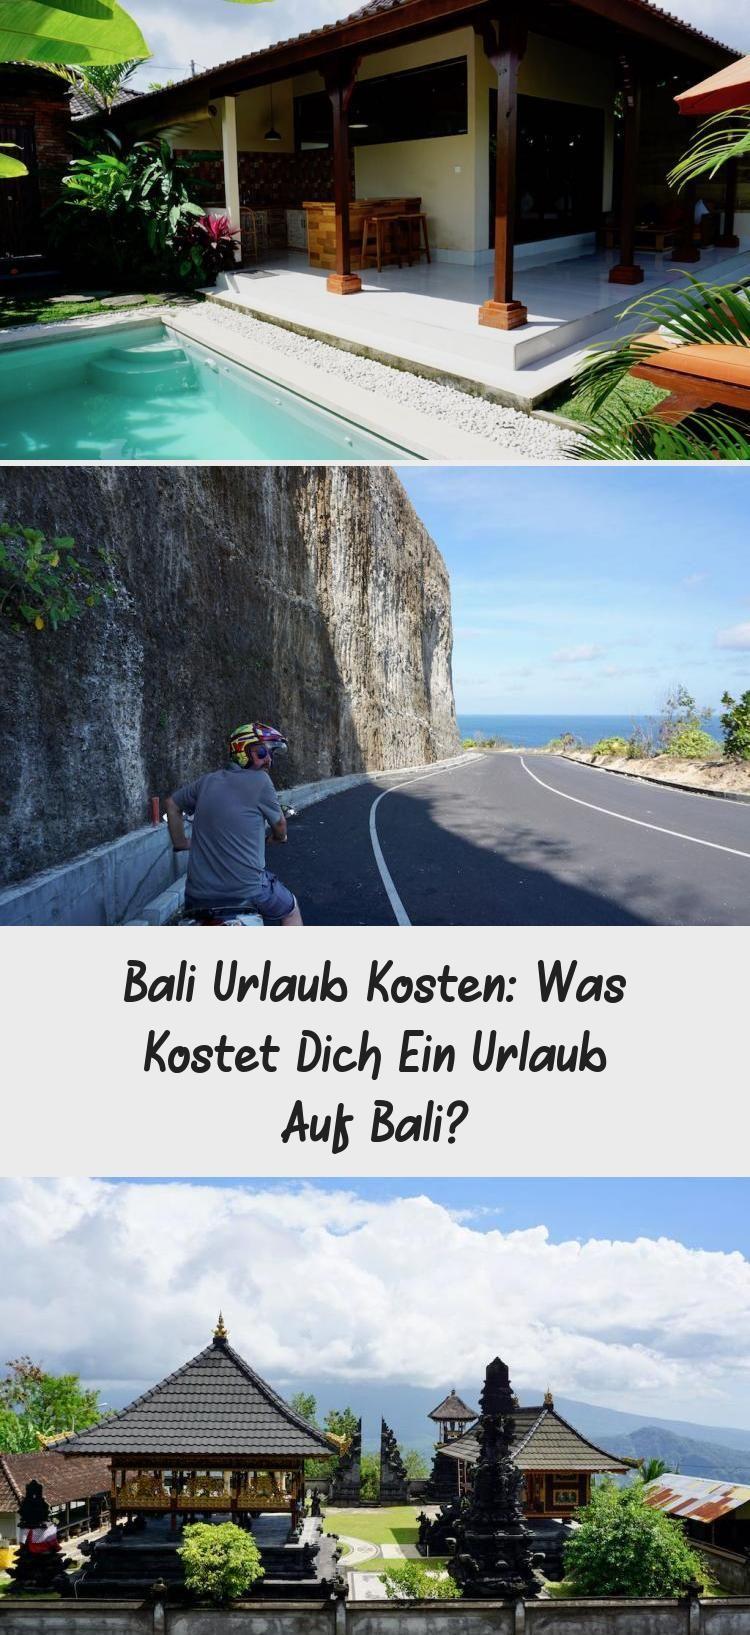 Bali Urlaub Kosten Was Kostet Dich Ein Urlaub Auf Bali in